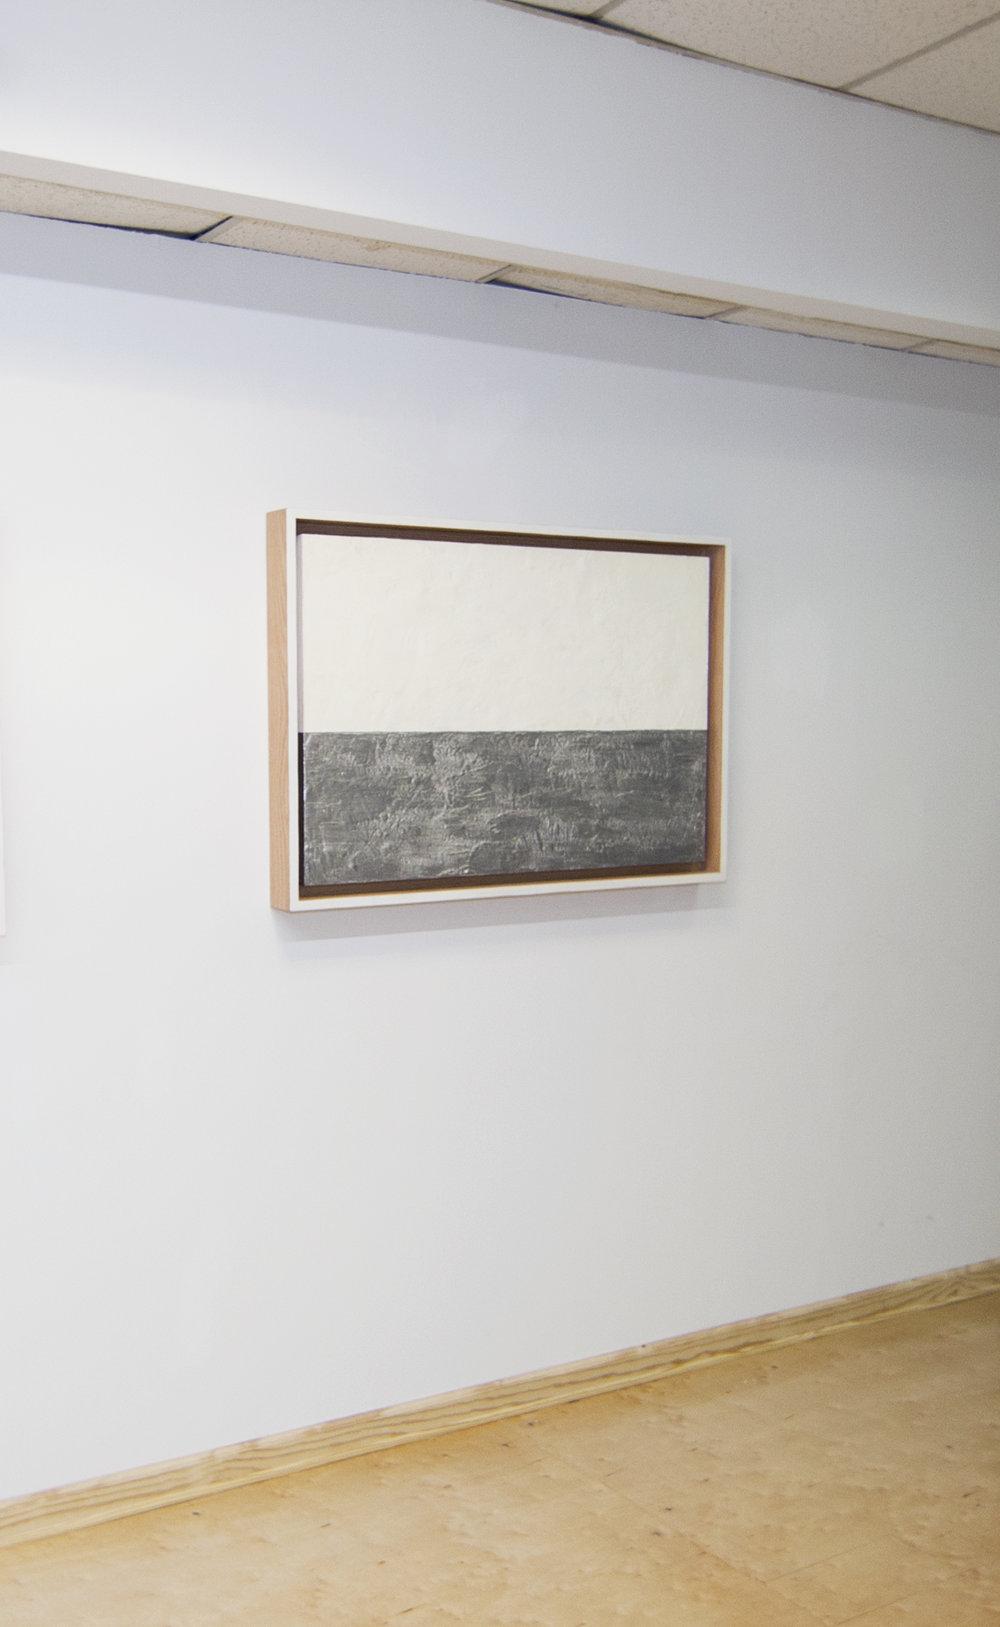 David Cavaliero, Exhibition view